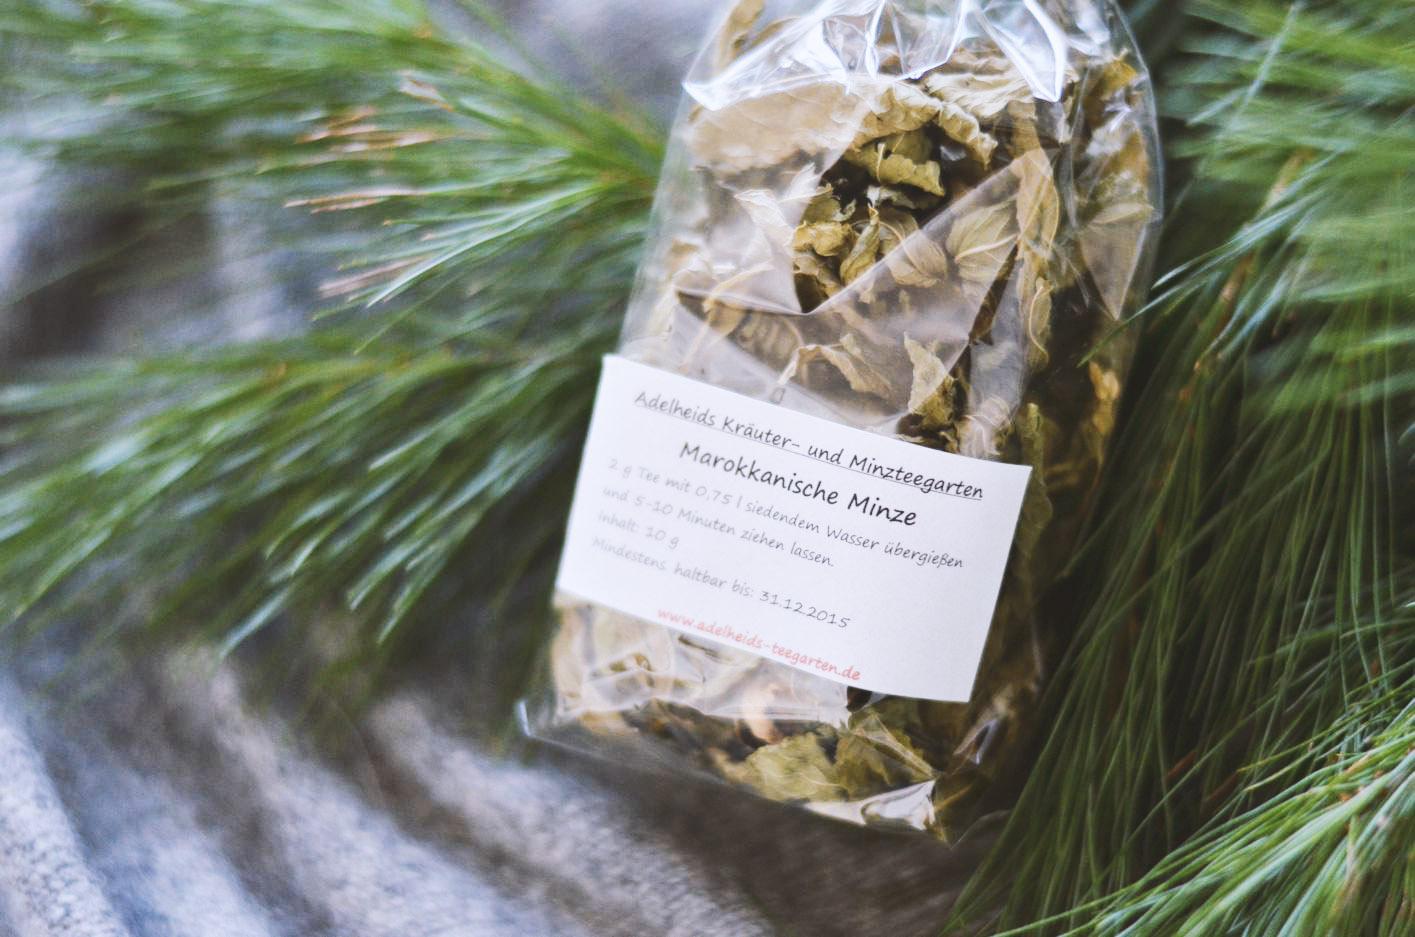 """Dieser Pfefferminztee ist un-schlag-bar! Bei der Next Organic haben wir Adelheid kennen und ihren Tee lieben gelernt. In ihrem  Garten im Spreewald  baut sie 14 verschiedene Minzen an. Über die marokkanische sagt sie: """"Die gehört zu den Muntermachern."""" Kann in der dunklen Jahreszeit absolut nicht schaden."""